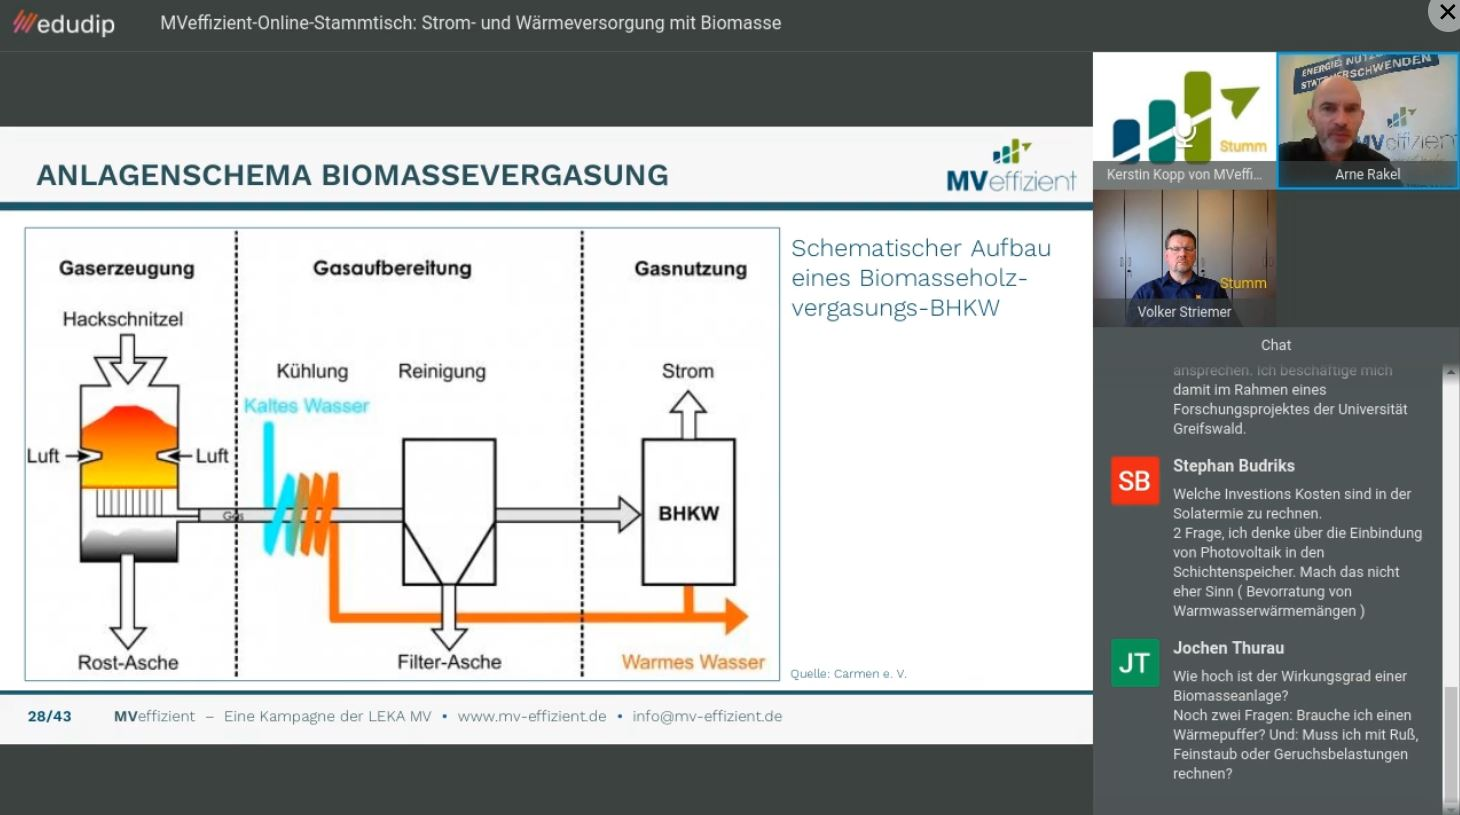 Arne Rakel, Technischer Berater der LEKA MV und Volker Striemer, Projektingenieur bei der HDG Bavaria GmbH diskutieren die Fragen der Teilnehmer. (Foto: LEKA MV)